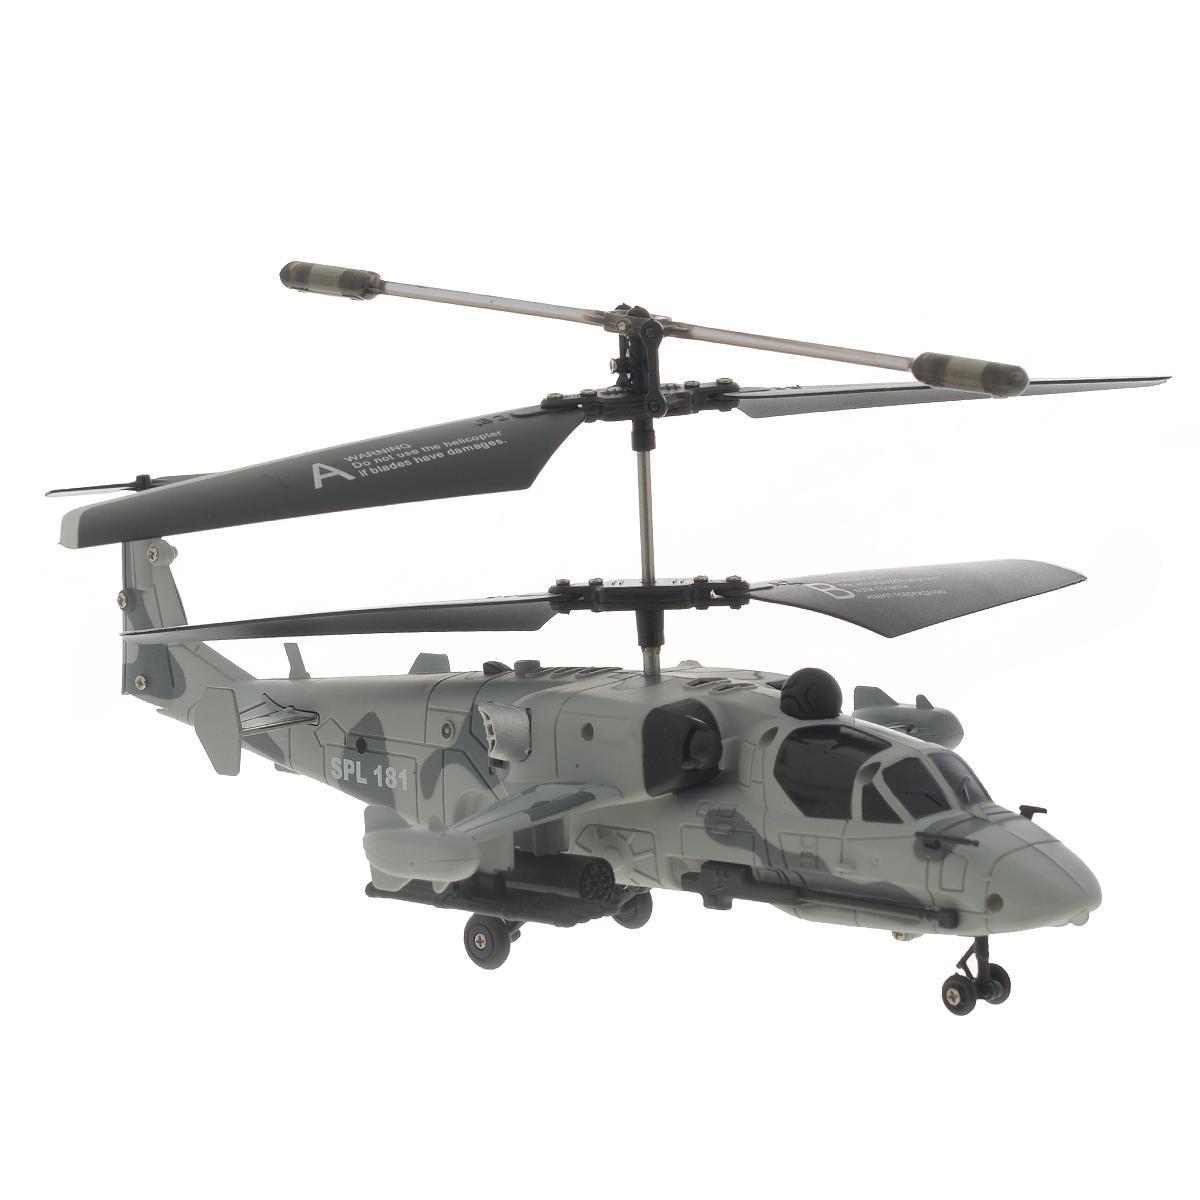 SPL-Technik Вертолет на радиоуправлении SPL 181IG158Радиоуправляемая модель Вертолет SPL 181 - отличный подарок для вашего ребенка. 3-х канальный вертолет с гироскопом отлично управляется при помощи пульта. Он может летать вверх и вниз, вперед и назад, а также вращаться вокруг вертикальной оси. Внешне модель выглядит как настоящий военный вертолет, что особенно понравится любителям военной воздушной техники. Обучиться пилотированию очень легко. При наличии желания и терпения любой новичок сможет поднять в воздух вертолет и насладиться полетом. Вертолет работает от встроенного литий-полимерного аккумулятора c напряжением 3,7V 160 mAh (входит в комплект). Пульт управления работает от 6 батареек типа АА (не входят в комплект). Время нахождения в полете: 6-8 минут. Дальность сигнала: 10 м. Необходимое время для подзарядки: 30 минут.